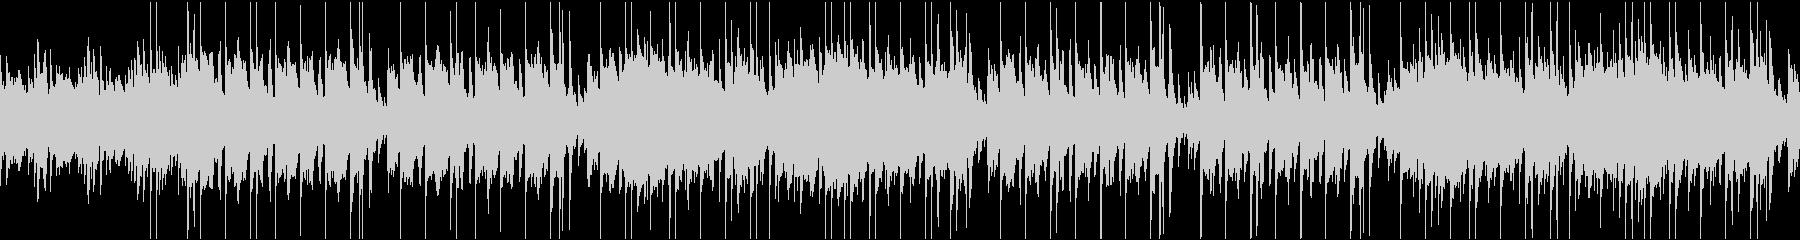 Refreshing violin / karaoke / loop's unreproduced waveform